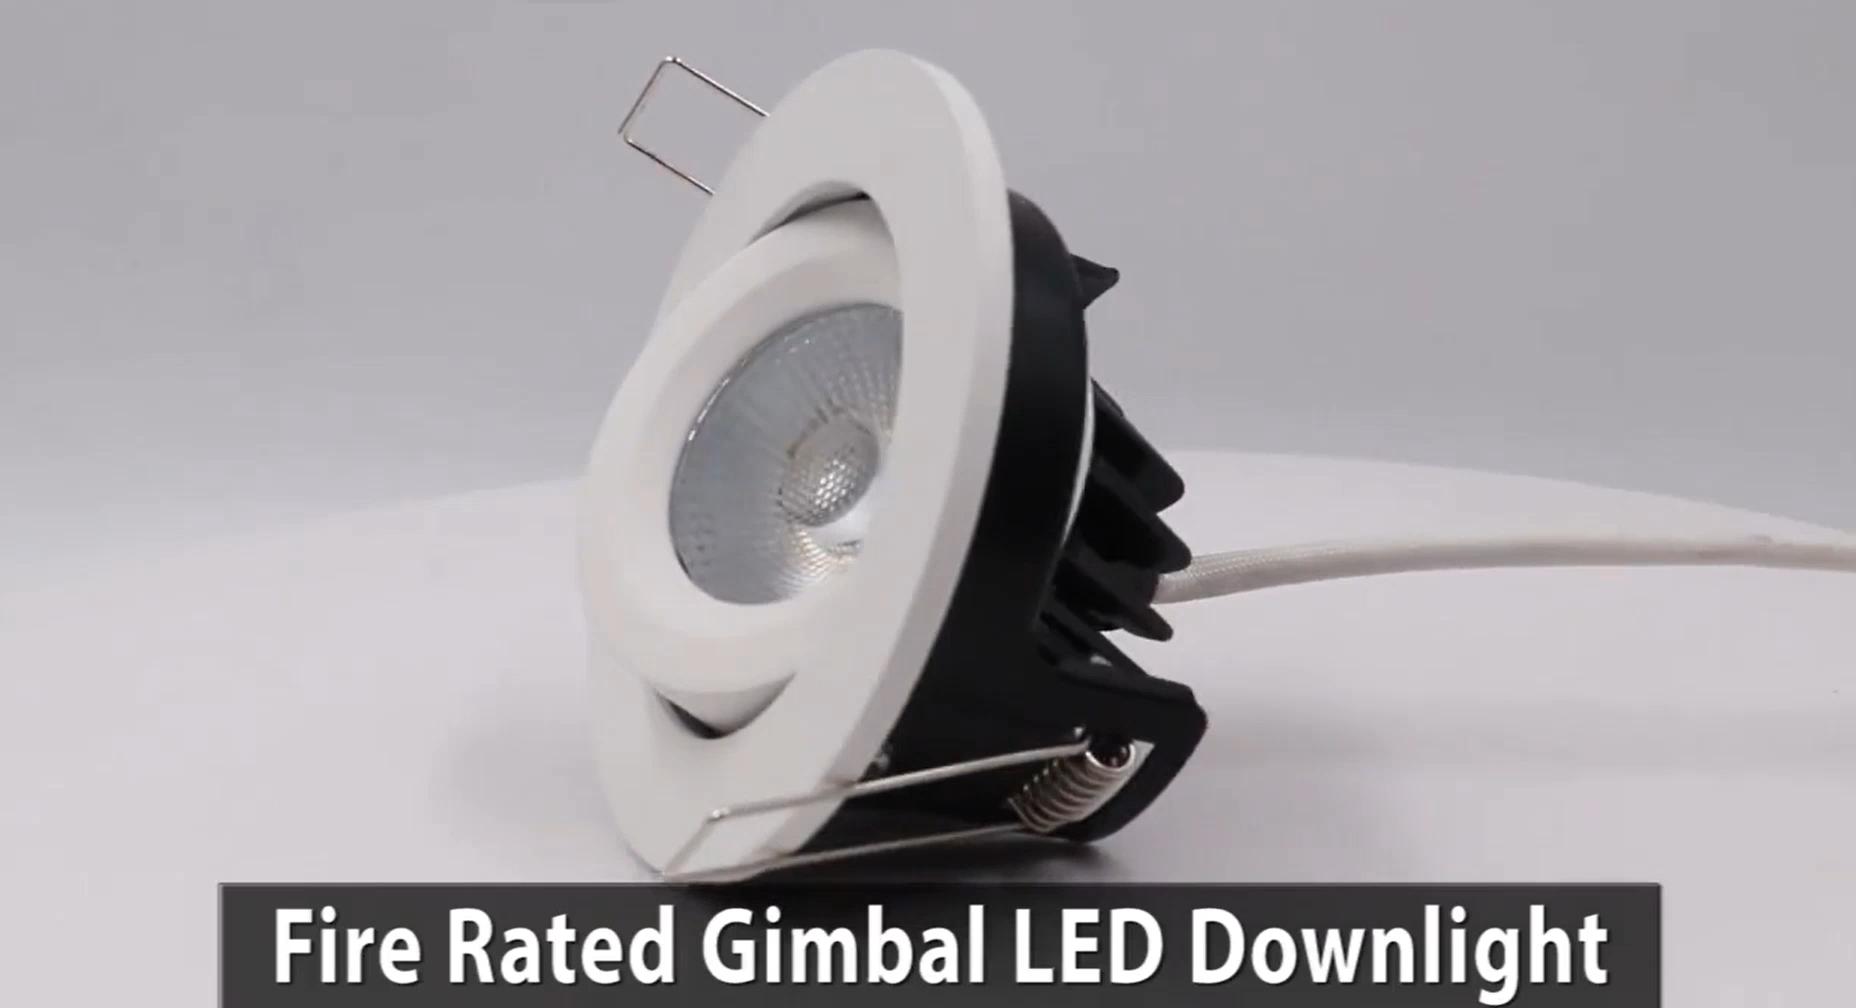 Gömme tavan renk değiştirme APP kontrolü WIFI bağlantılı LED ampul akıllı Downlight Alexa ses kontrolü Downlight